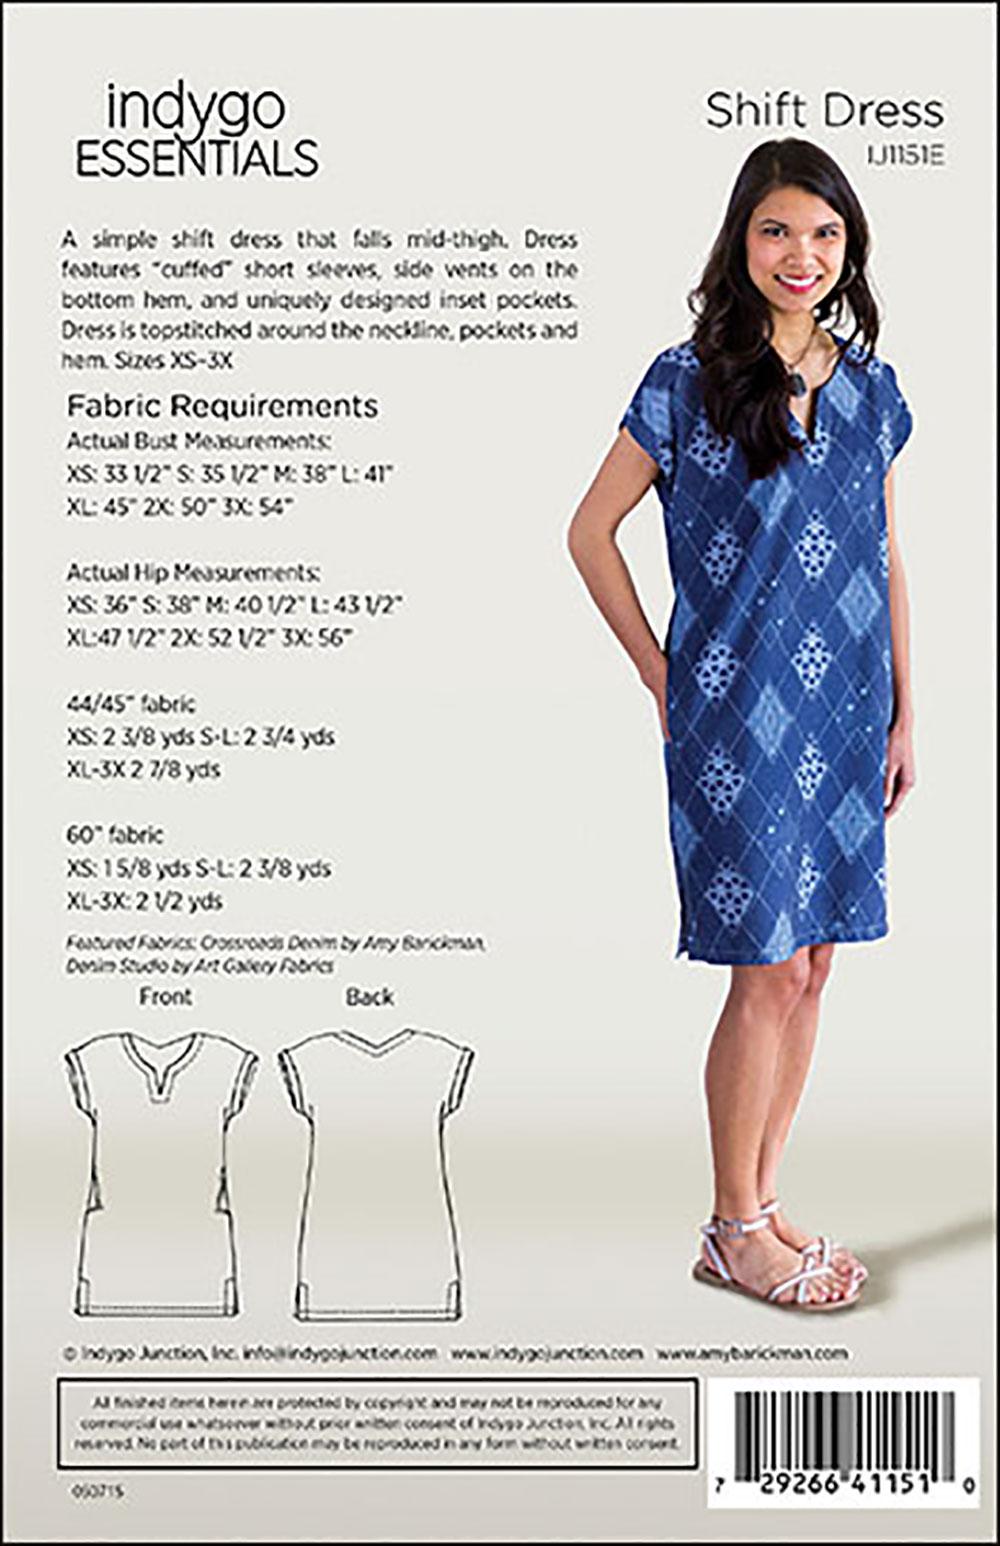 Indygo Junction Ij1151e Indygo Essentials Shift Dress